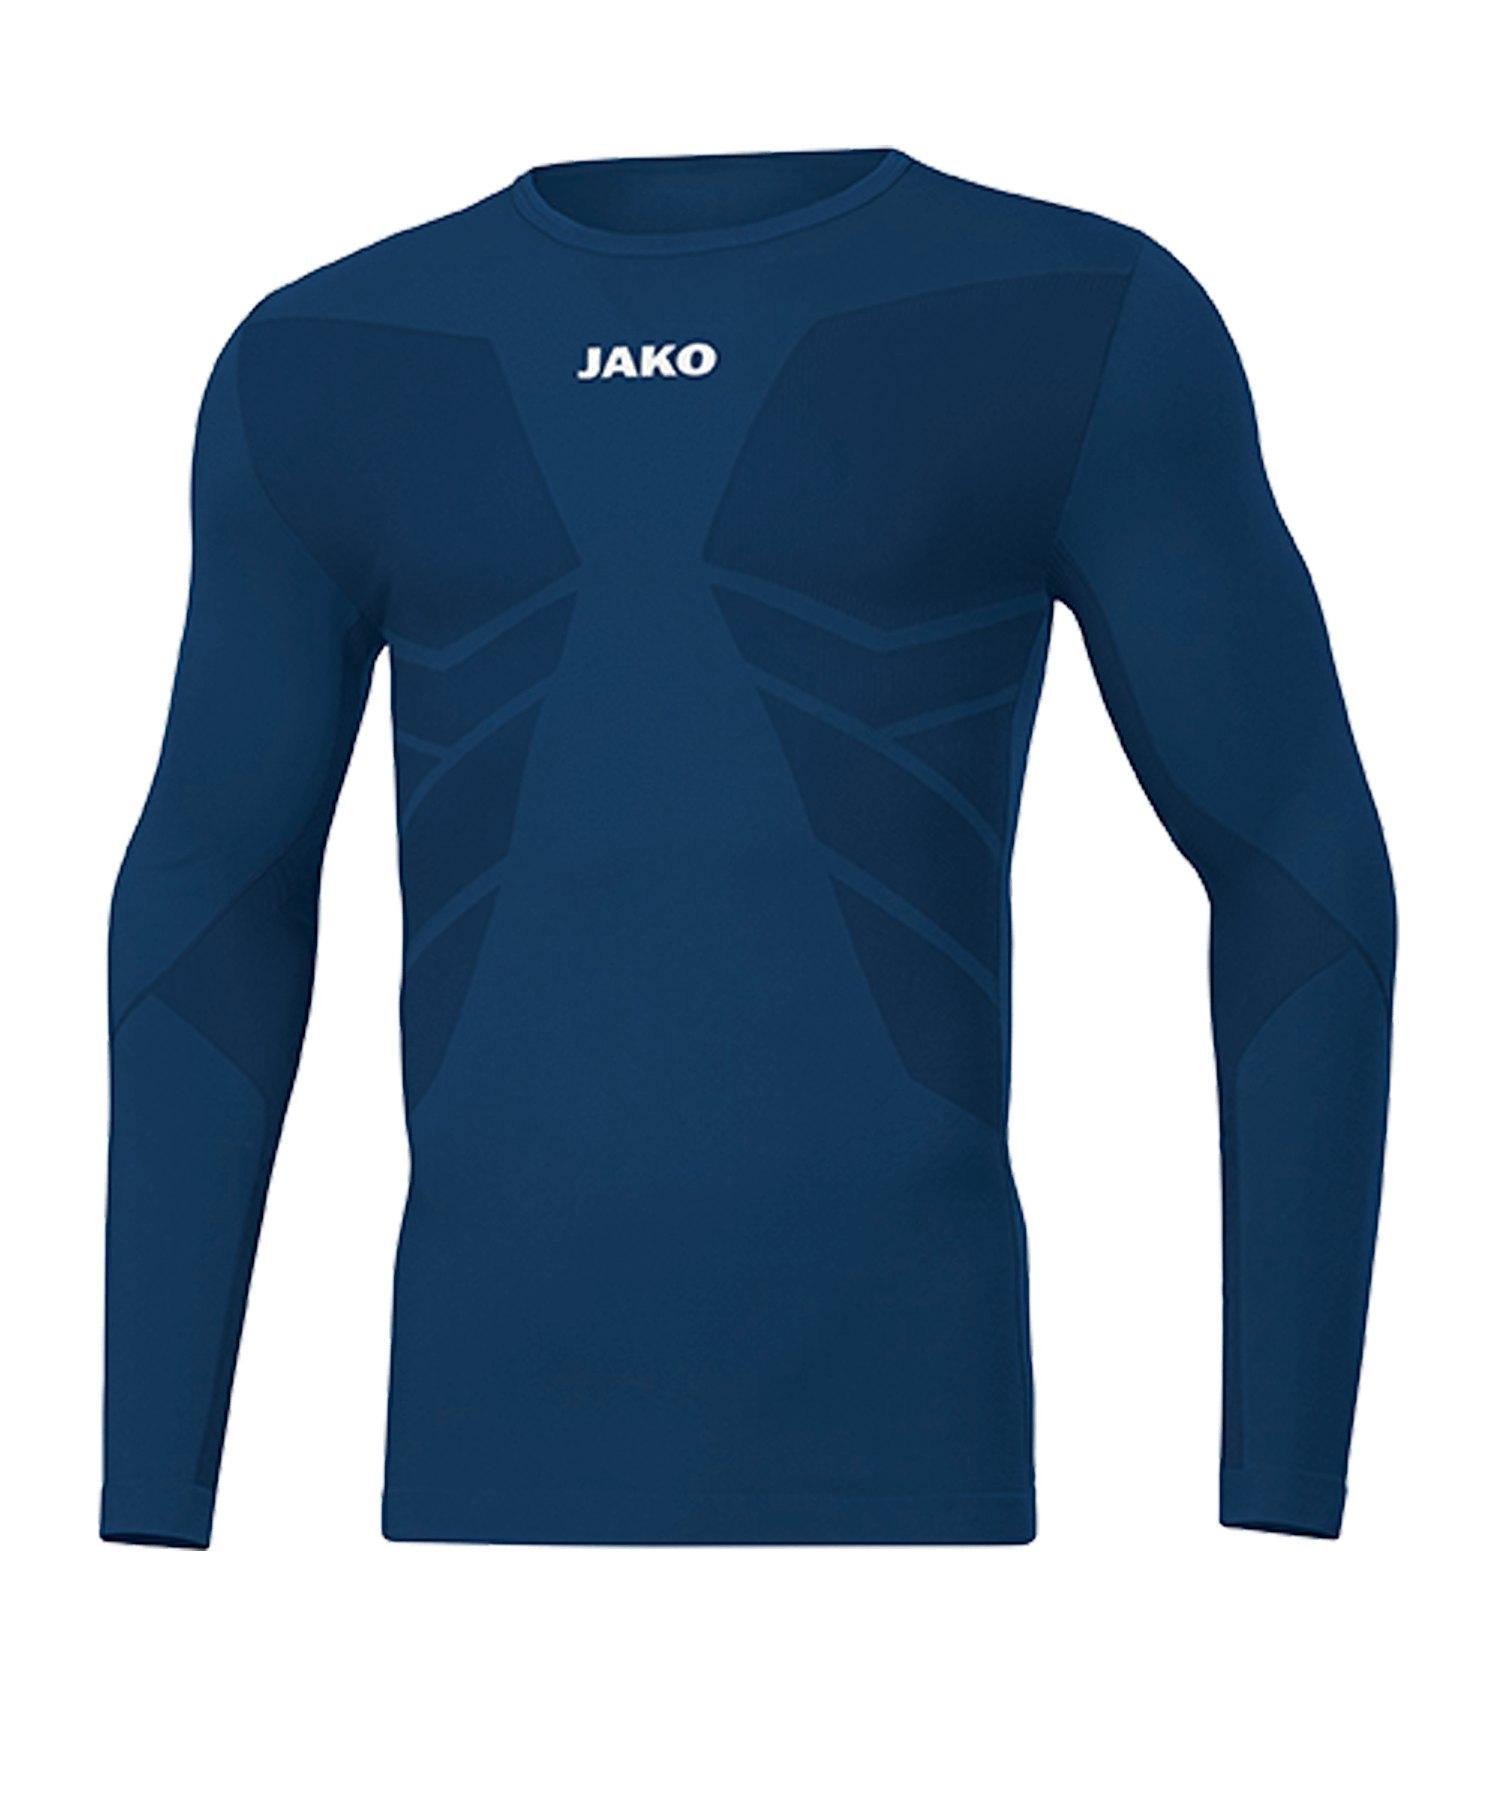 JAKO Comfort 2.0 langarm Blau F09 - blau